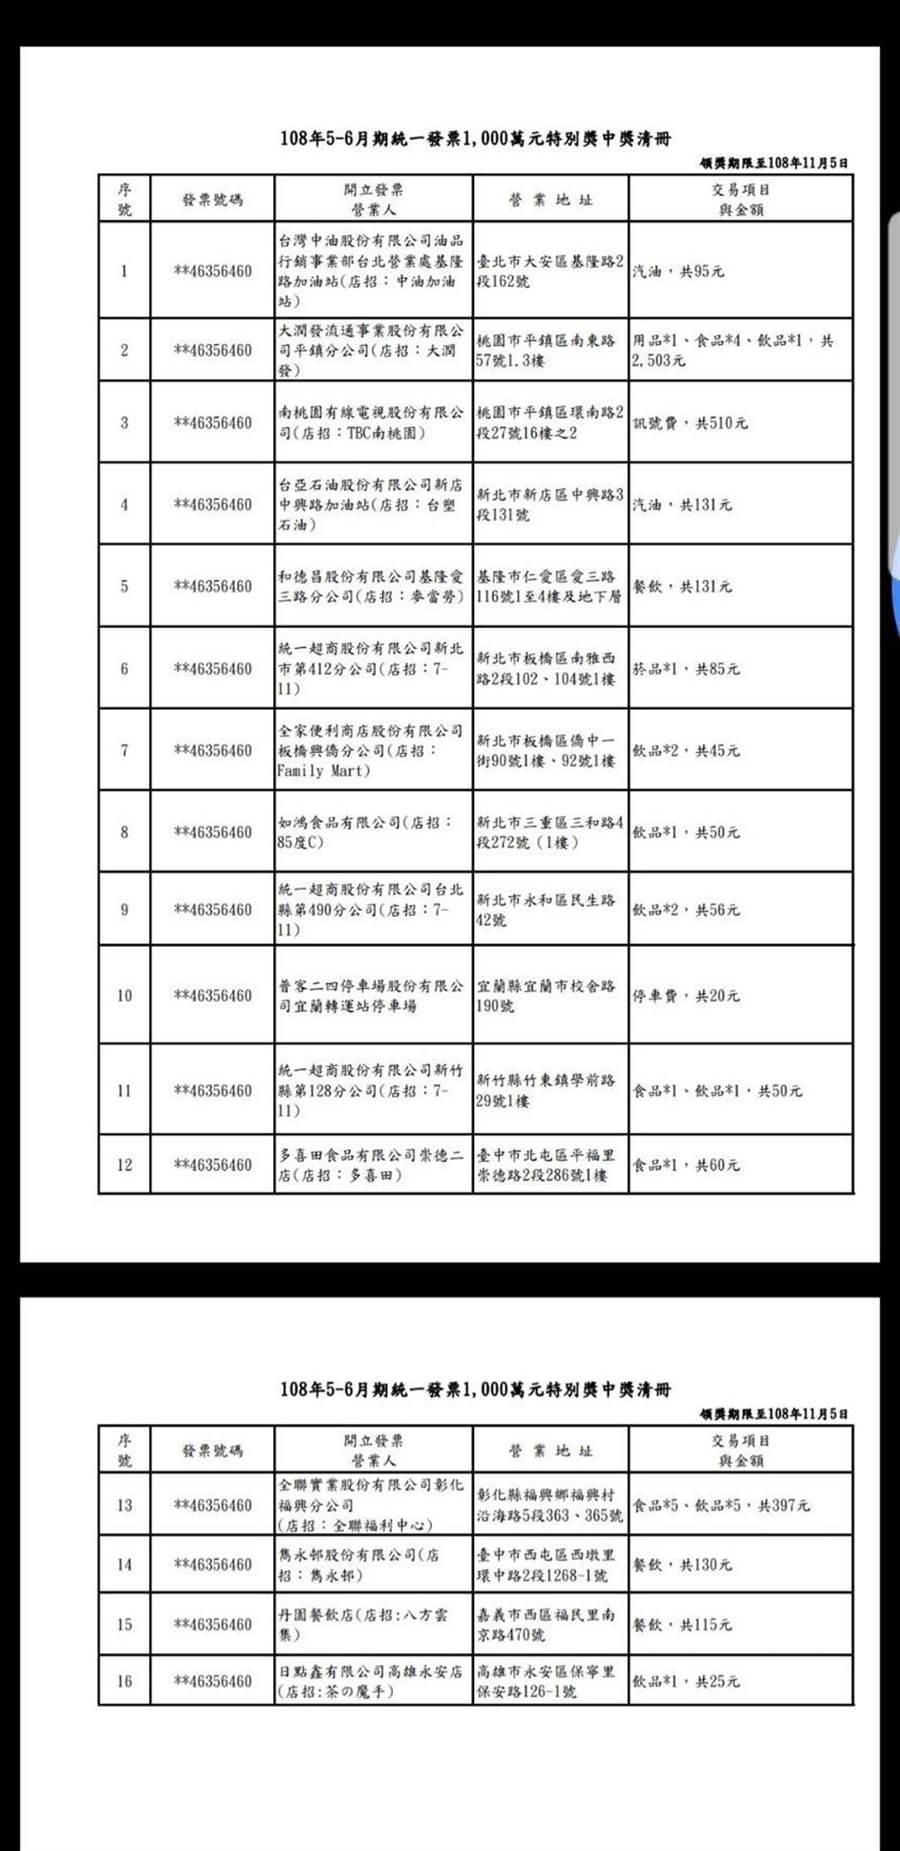 (圖說:財政部公布5、6月期統一發票中獎清冊。圖/摘自財政部網站)